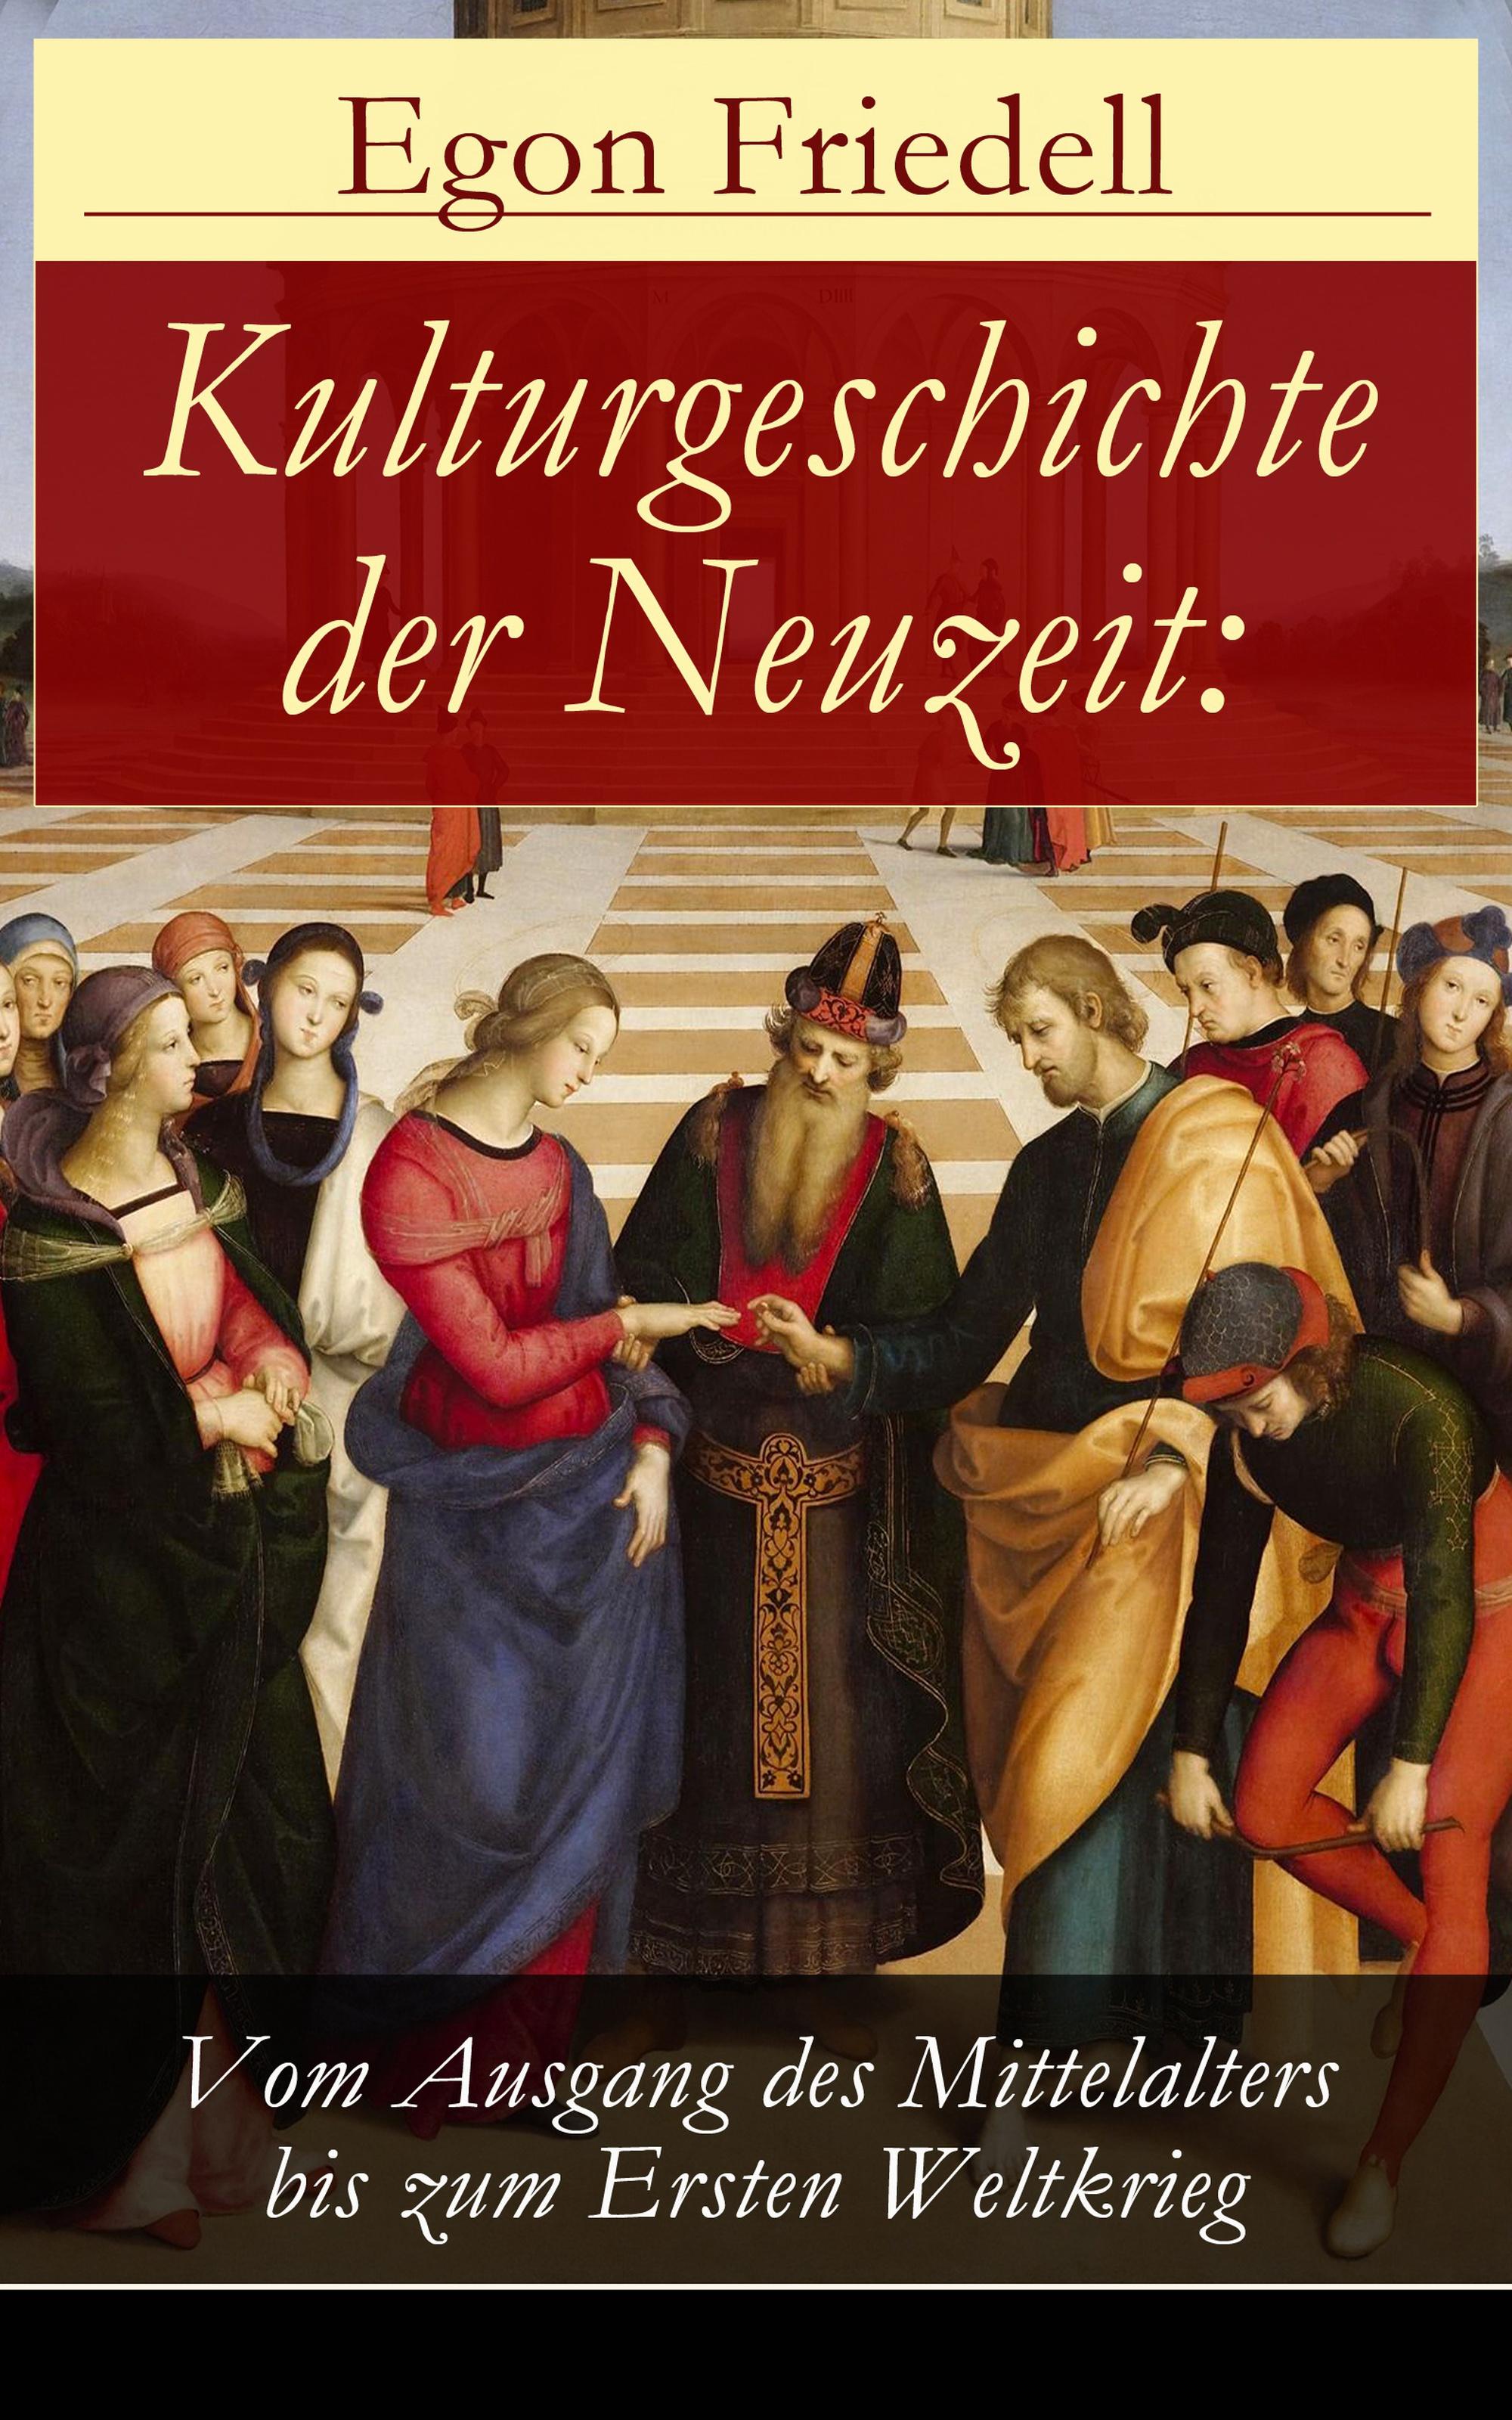 Egon Friedell Kulturgeschichte der Neuzeit: Vom Ausgang des Mittelalters bis zum Ersten Weltkrieg